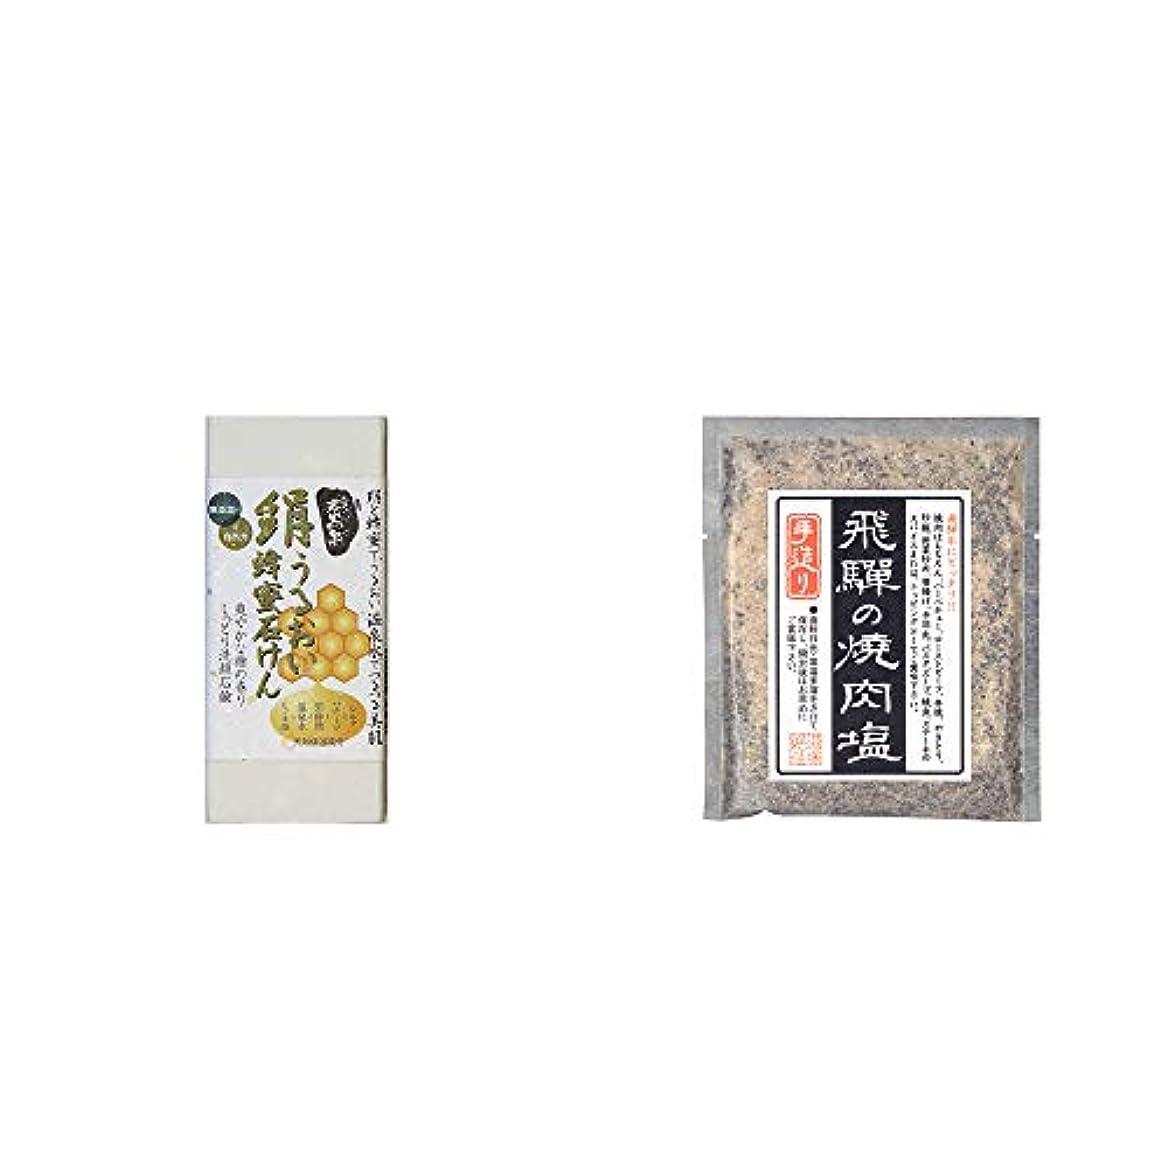 コンクリート紳士差別[2点セット] ひのき炭黒泉 絹うるおい蜂蜜石けん(75g×2)?手造り 飛騨の焼肉塩(80g)